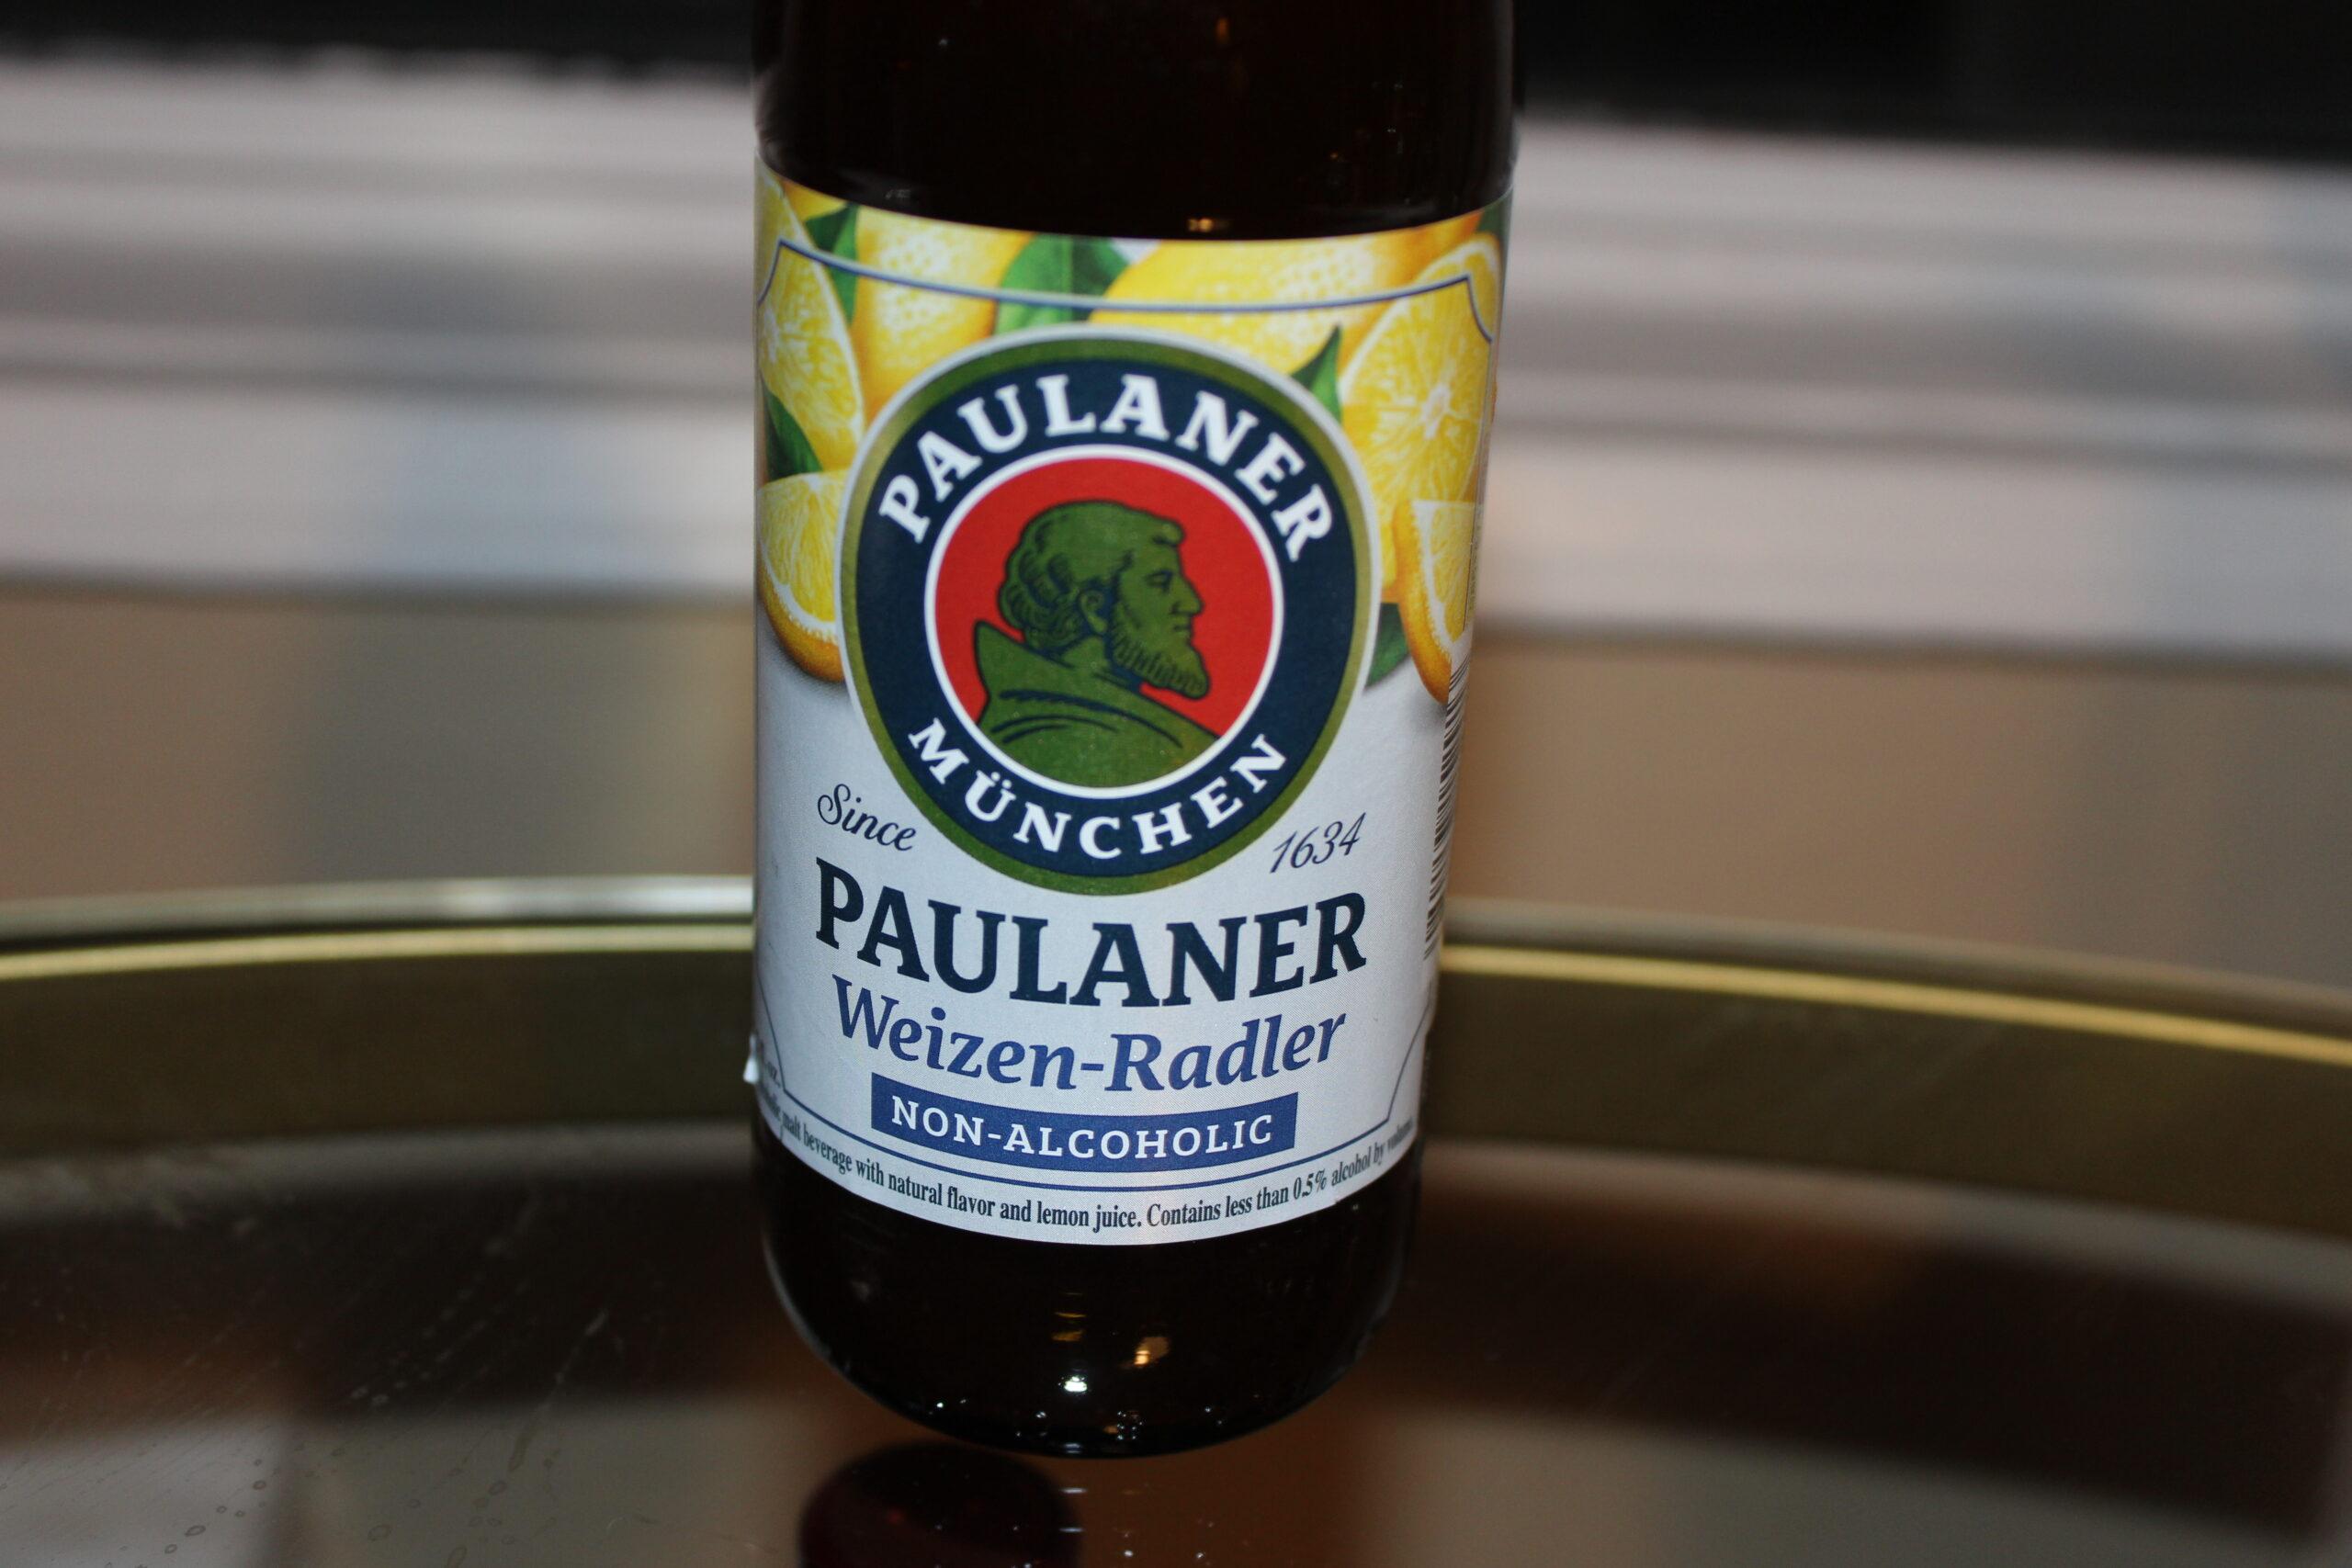 Paulaner Weizen Radler